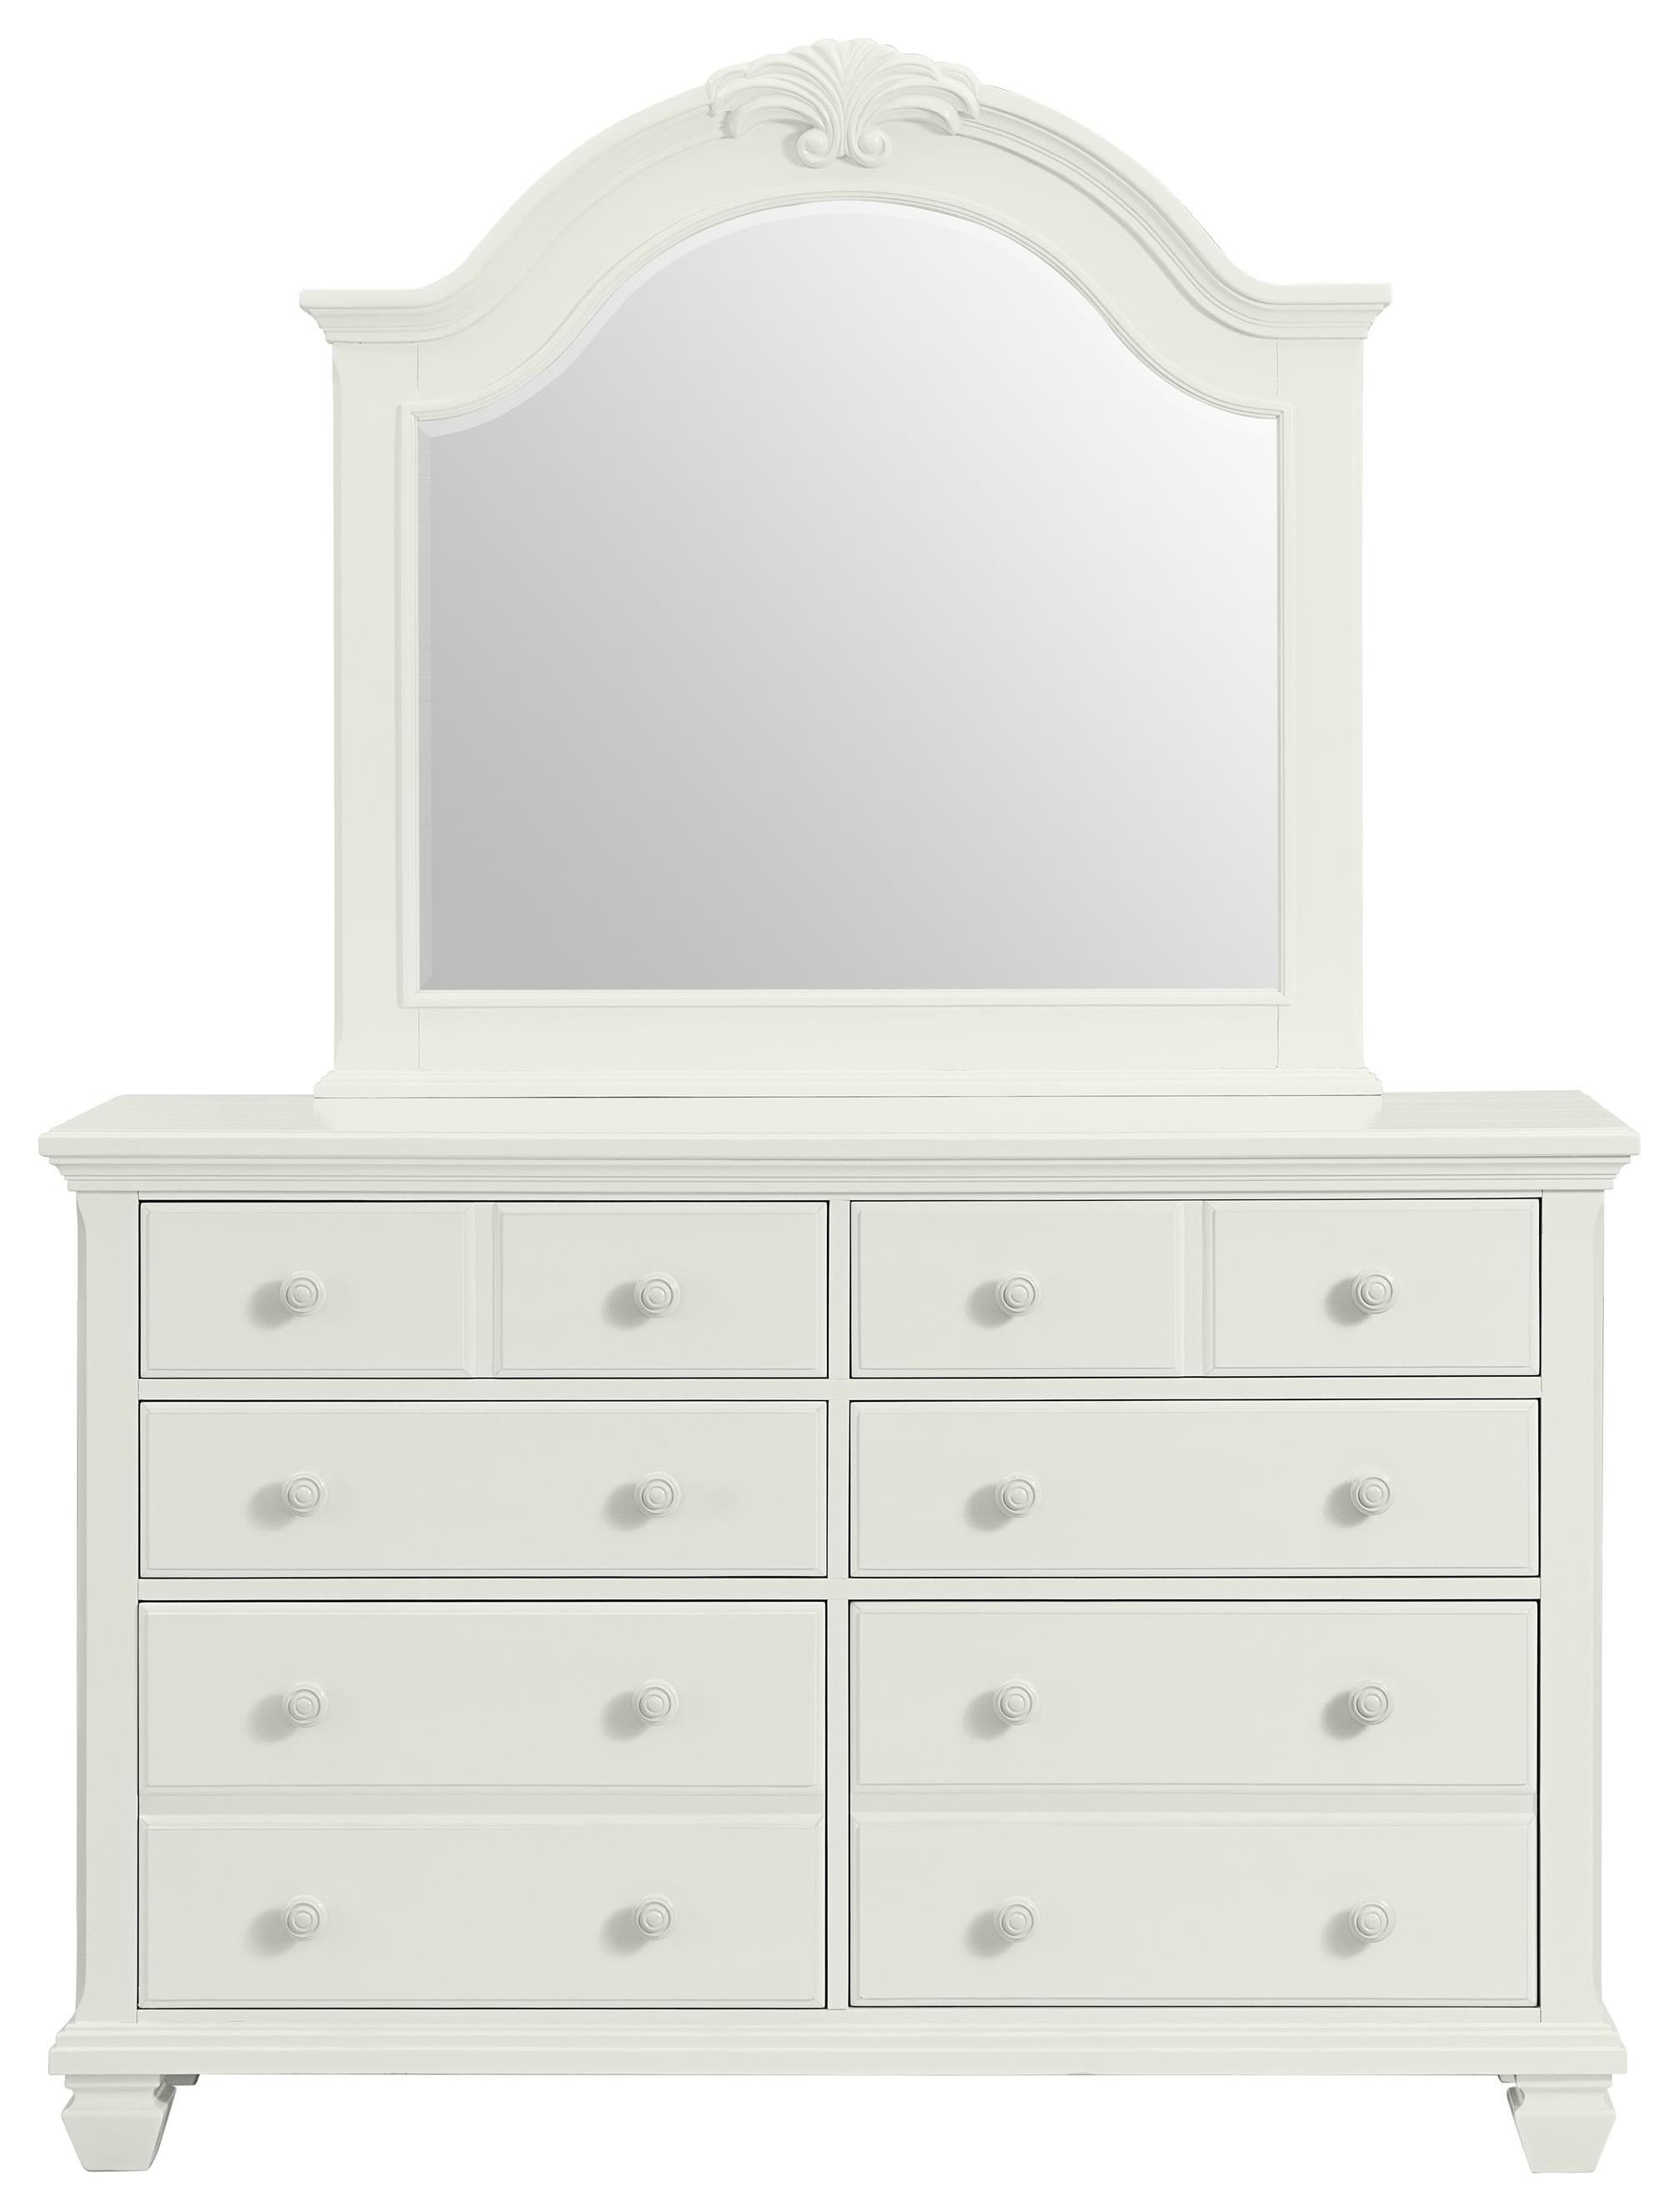 Harbortown Mirror by Stillwater Furniture at Baer's Furniture